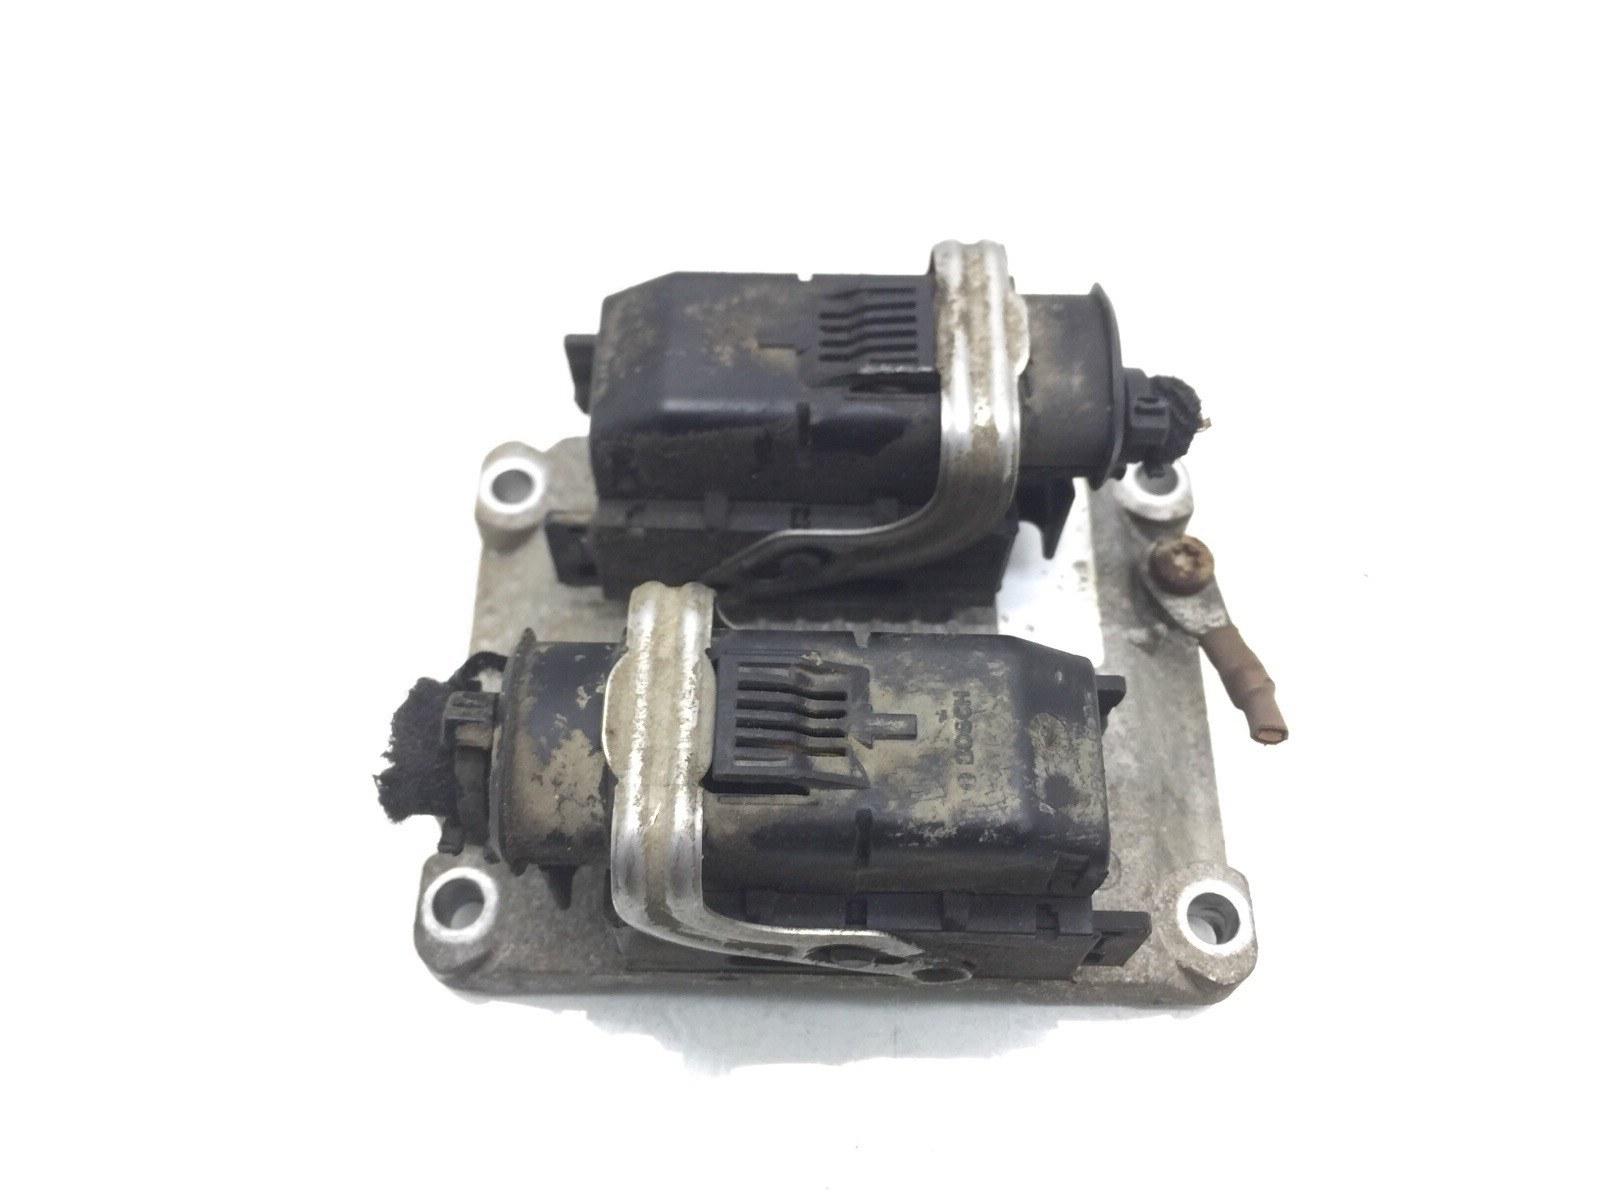 Блок управления двигателем Opel Corsa C 1.2 I 2002 (б/у)